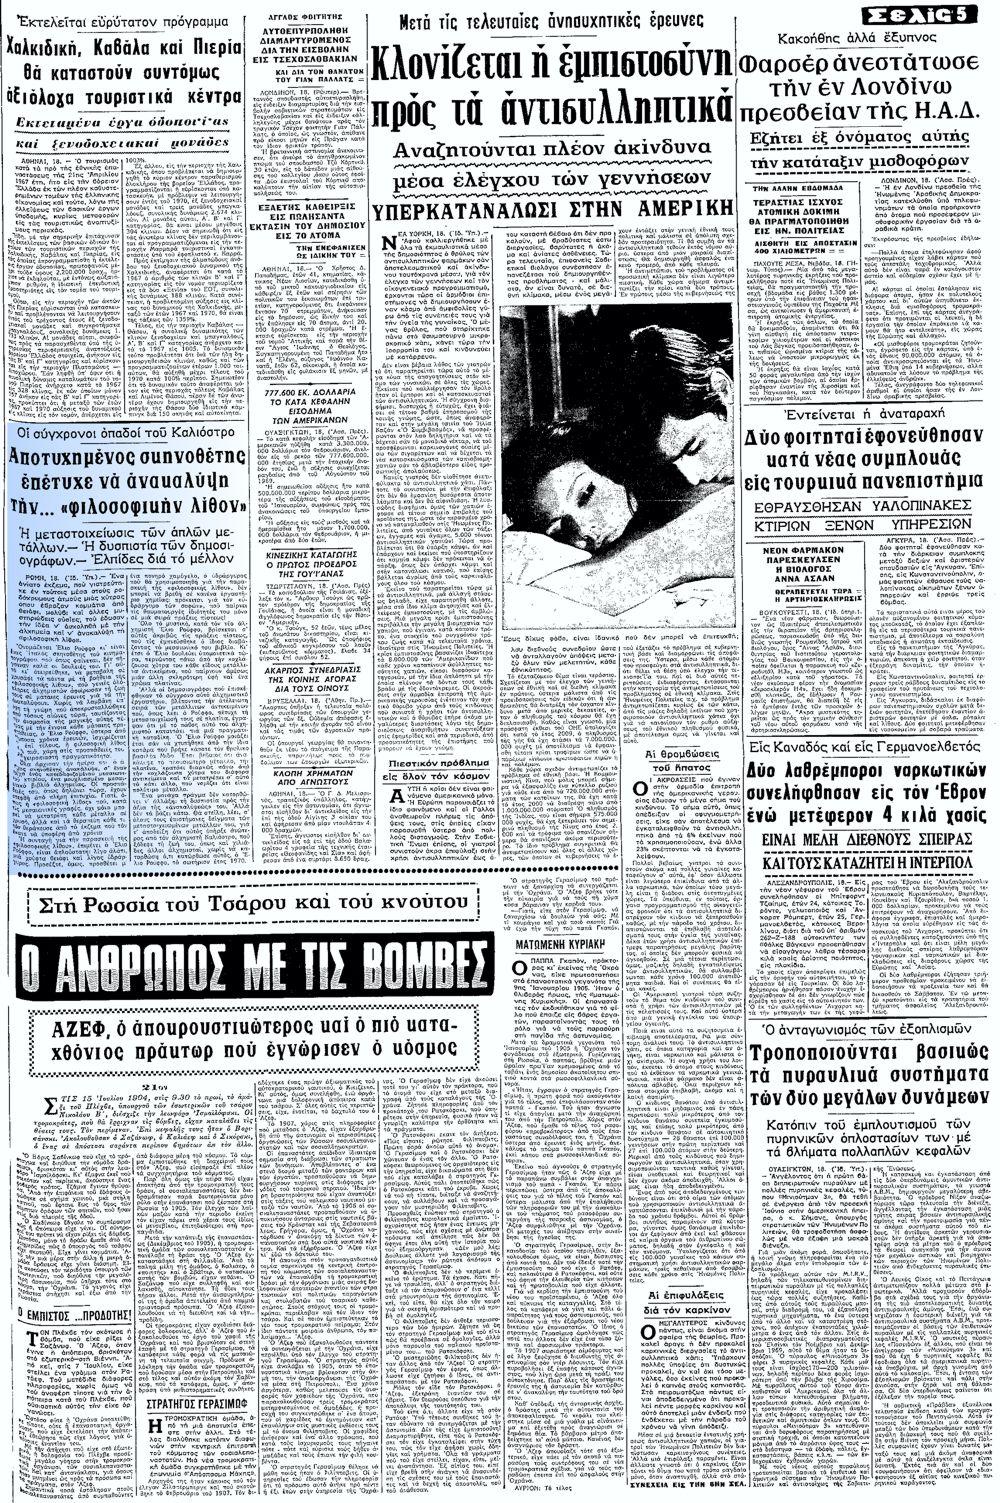 """Το άρθρο, όπως δημοσιεύθηκε στην εφημερίδα """"ΜΑΚΕΔΟΝΙΑ"""", στις 19/03/1970"""